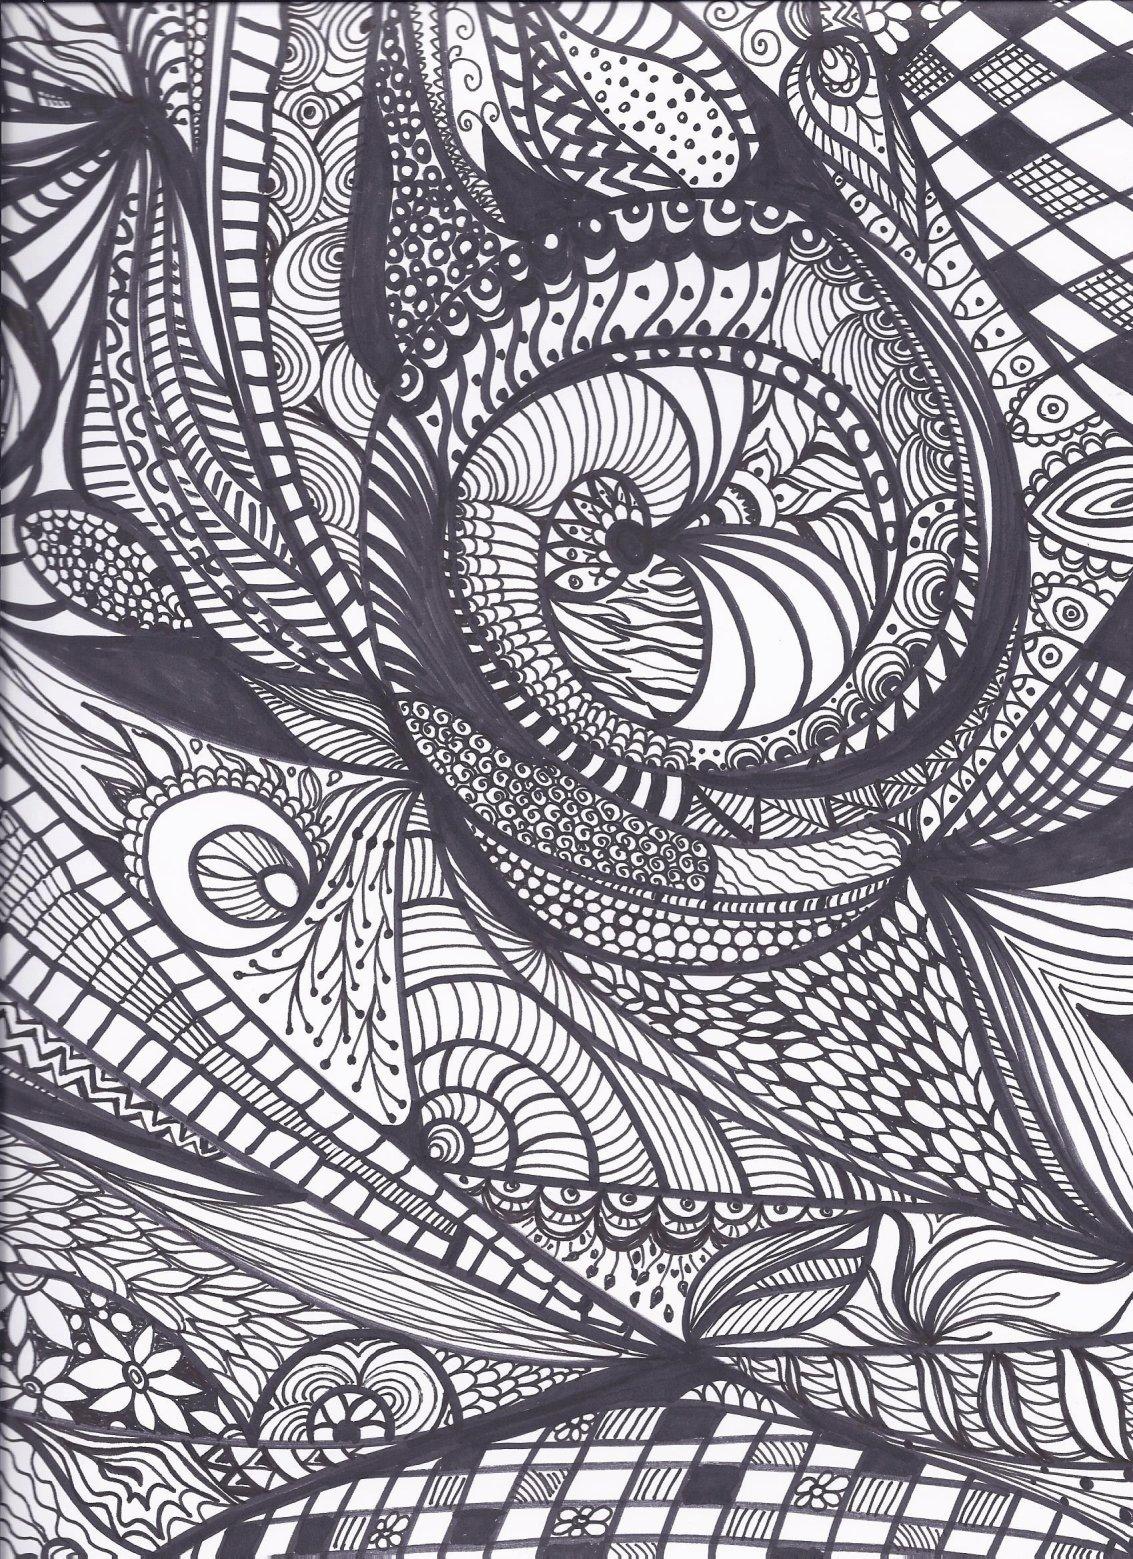 Ornamental zeichnen-Workshop mit Regina Landsiedel-Gerlach